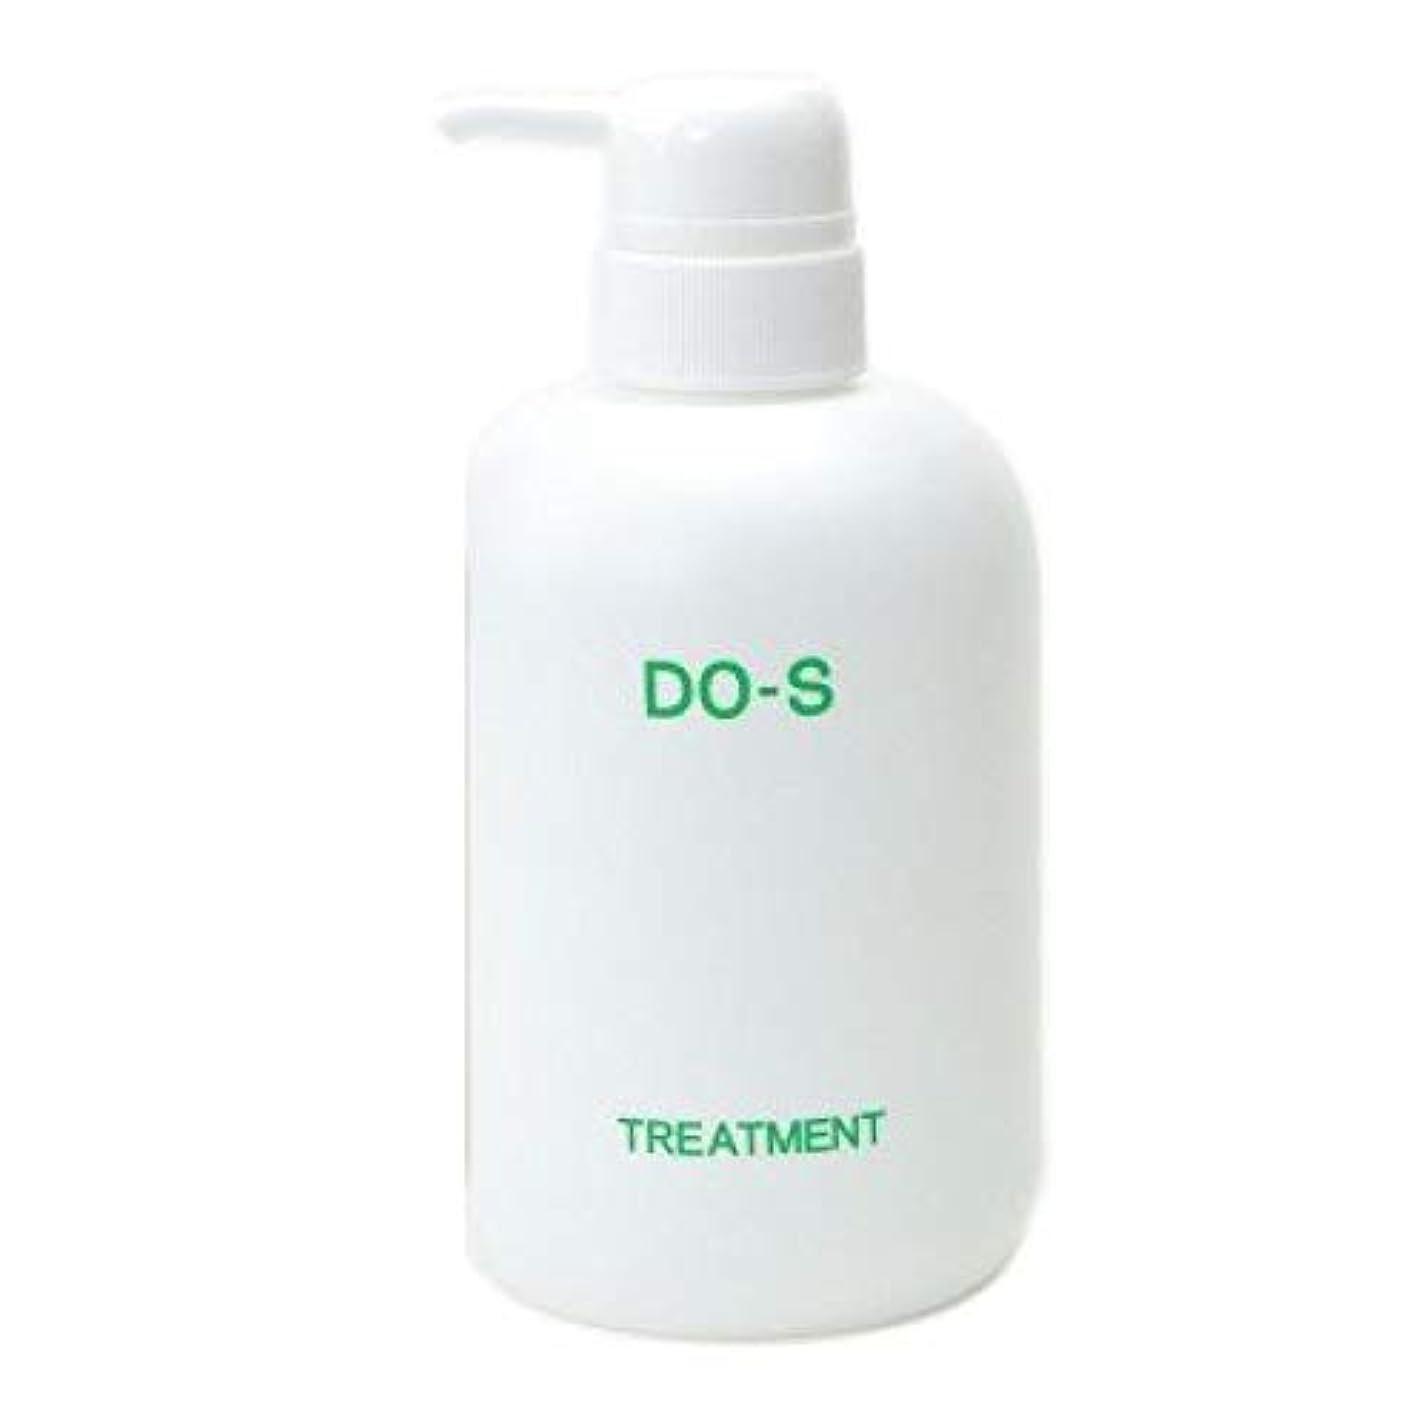 DO-S トリートメント 500ml ネット用